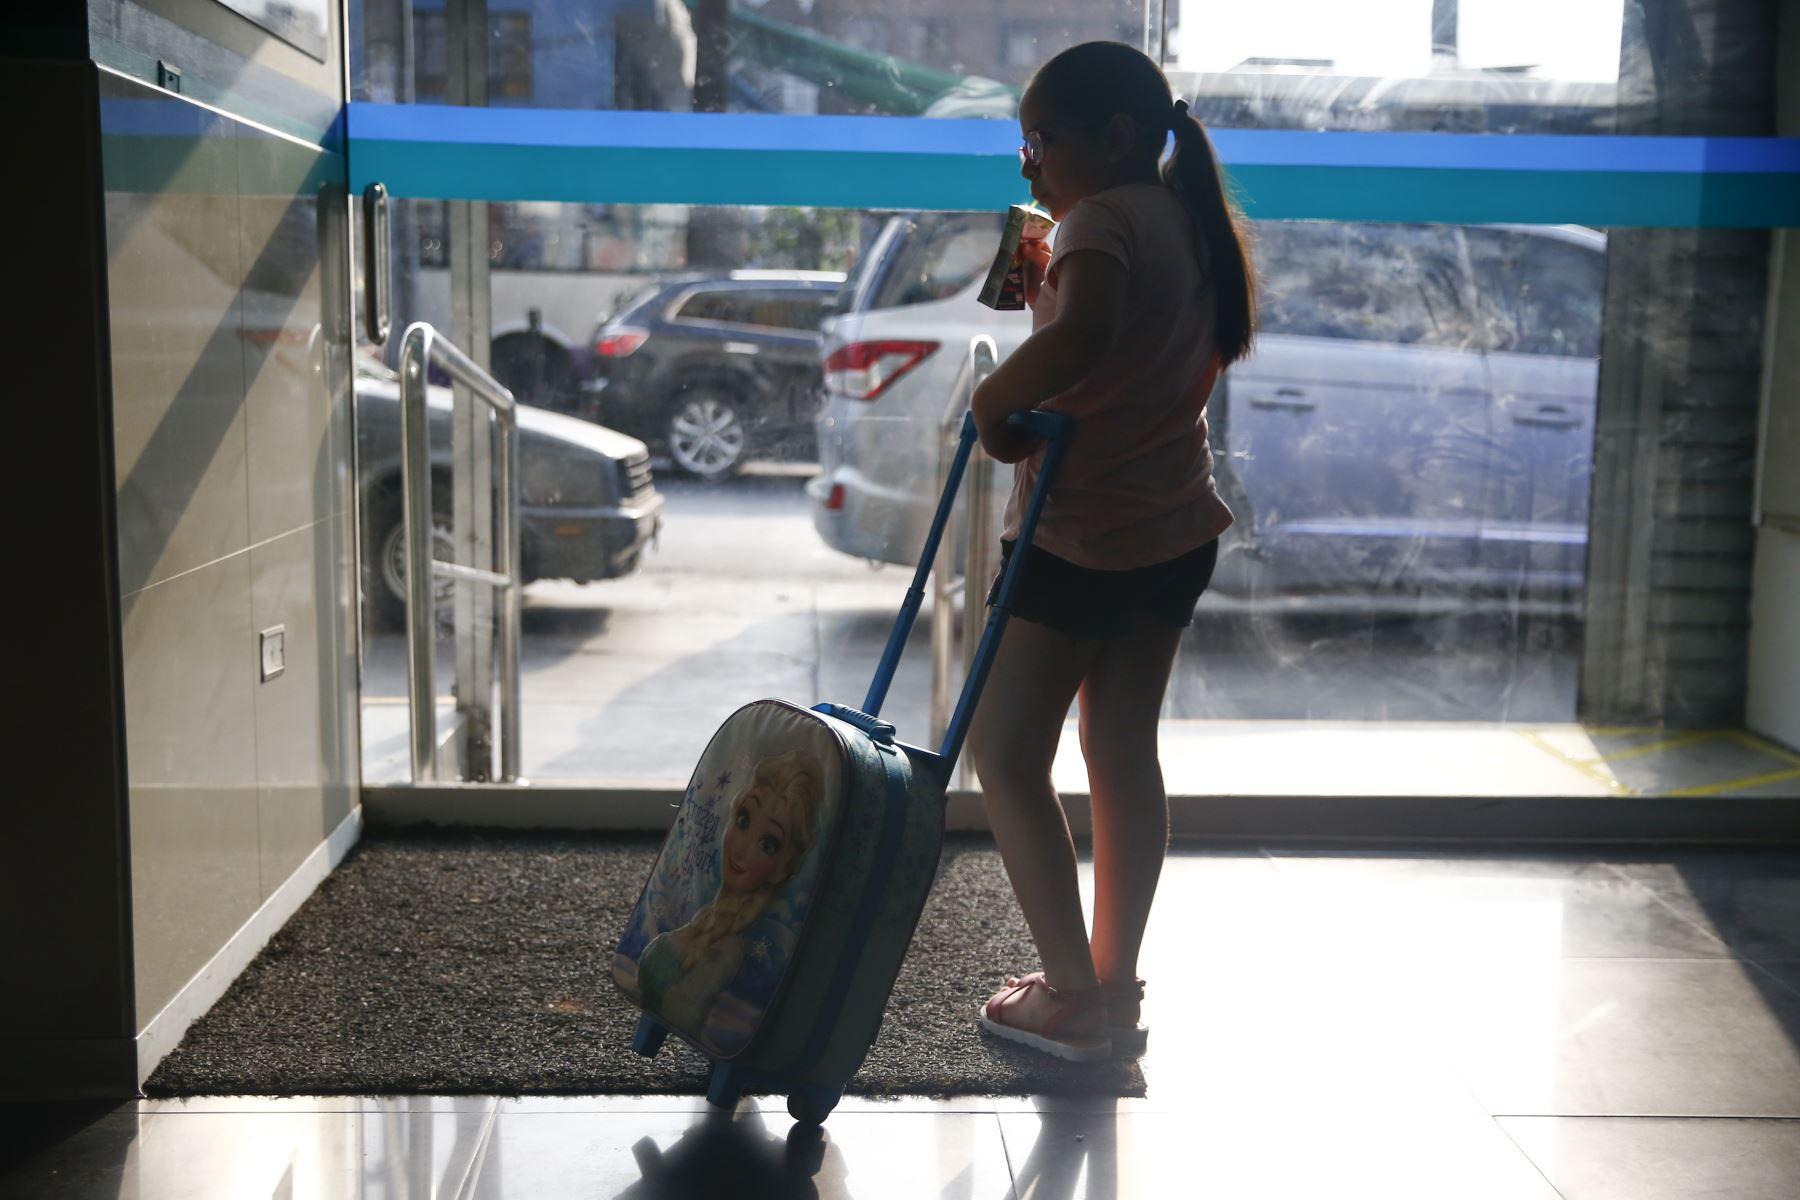 La maleta con ruedas es una buena opción para los estudiantes. Foto: ANDINA/Jhonel Rodríguez Robles